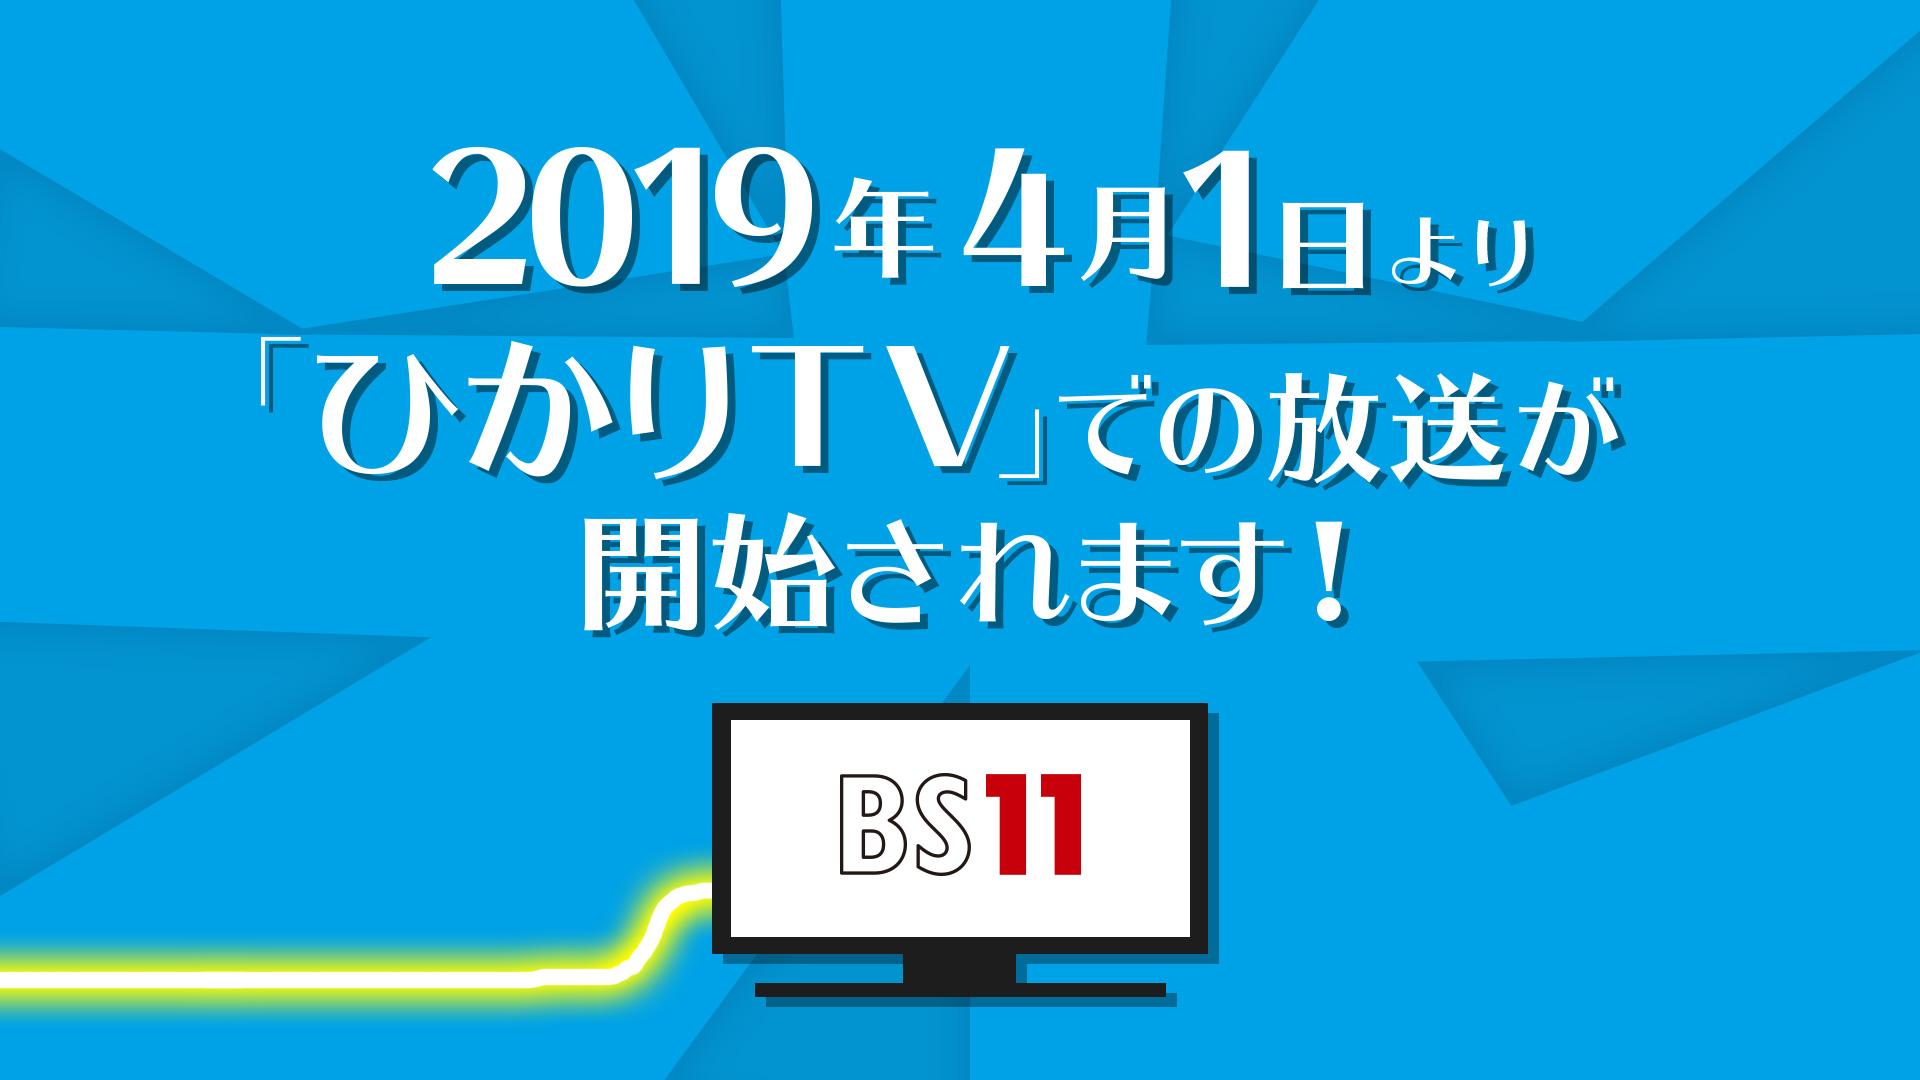 2019年4月1日より 『ひかりTV』での放送が開始されます!